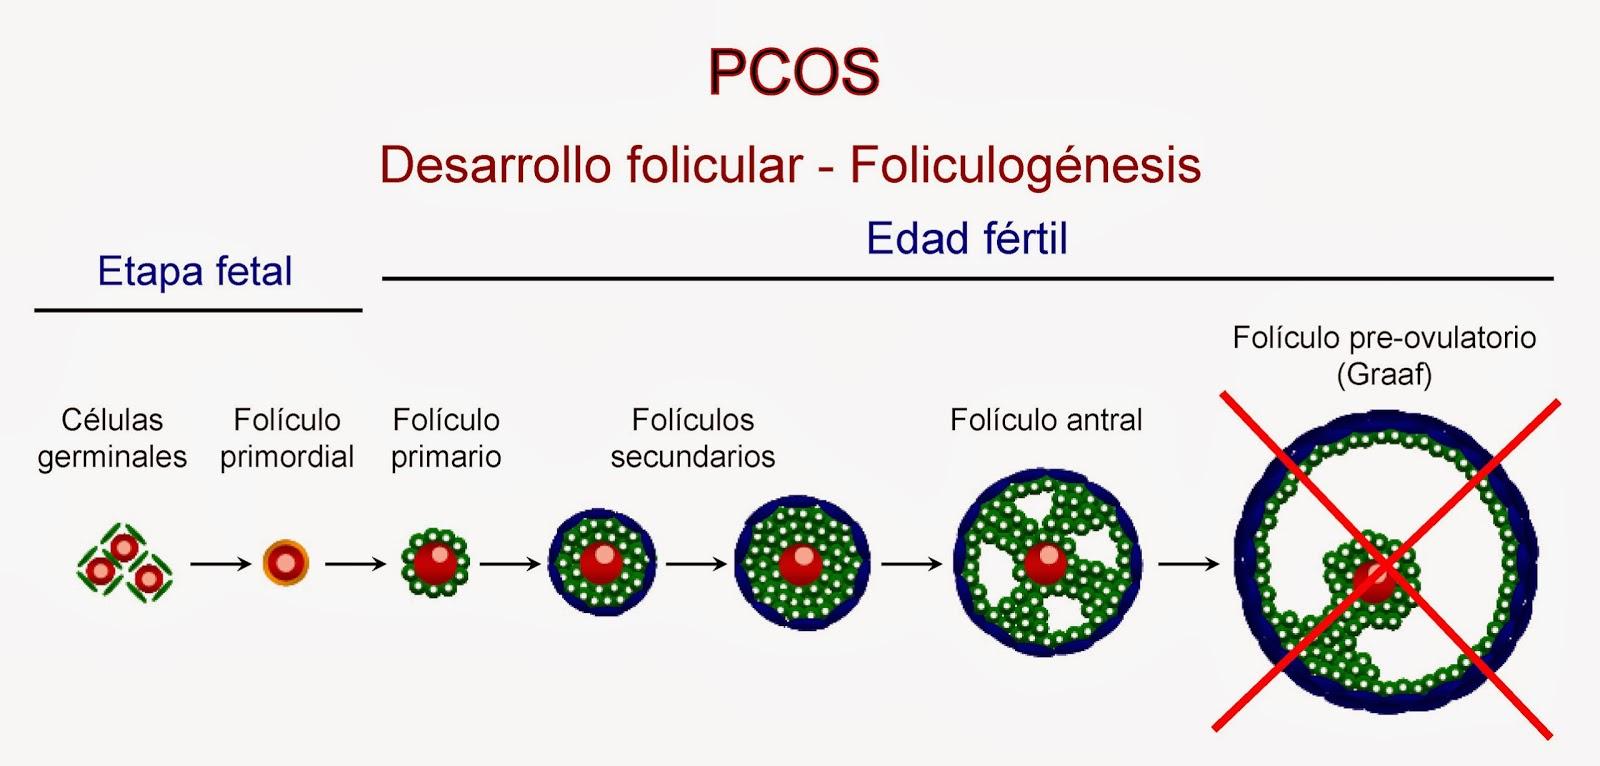 Foliculogénesis alterada en el síndrome del ovario poliquístico